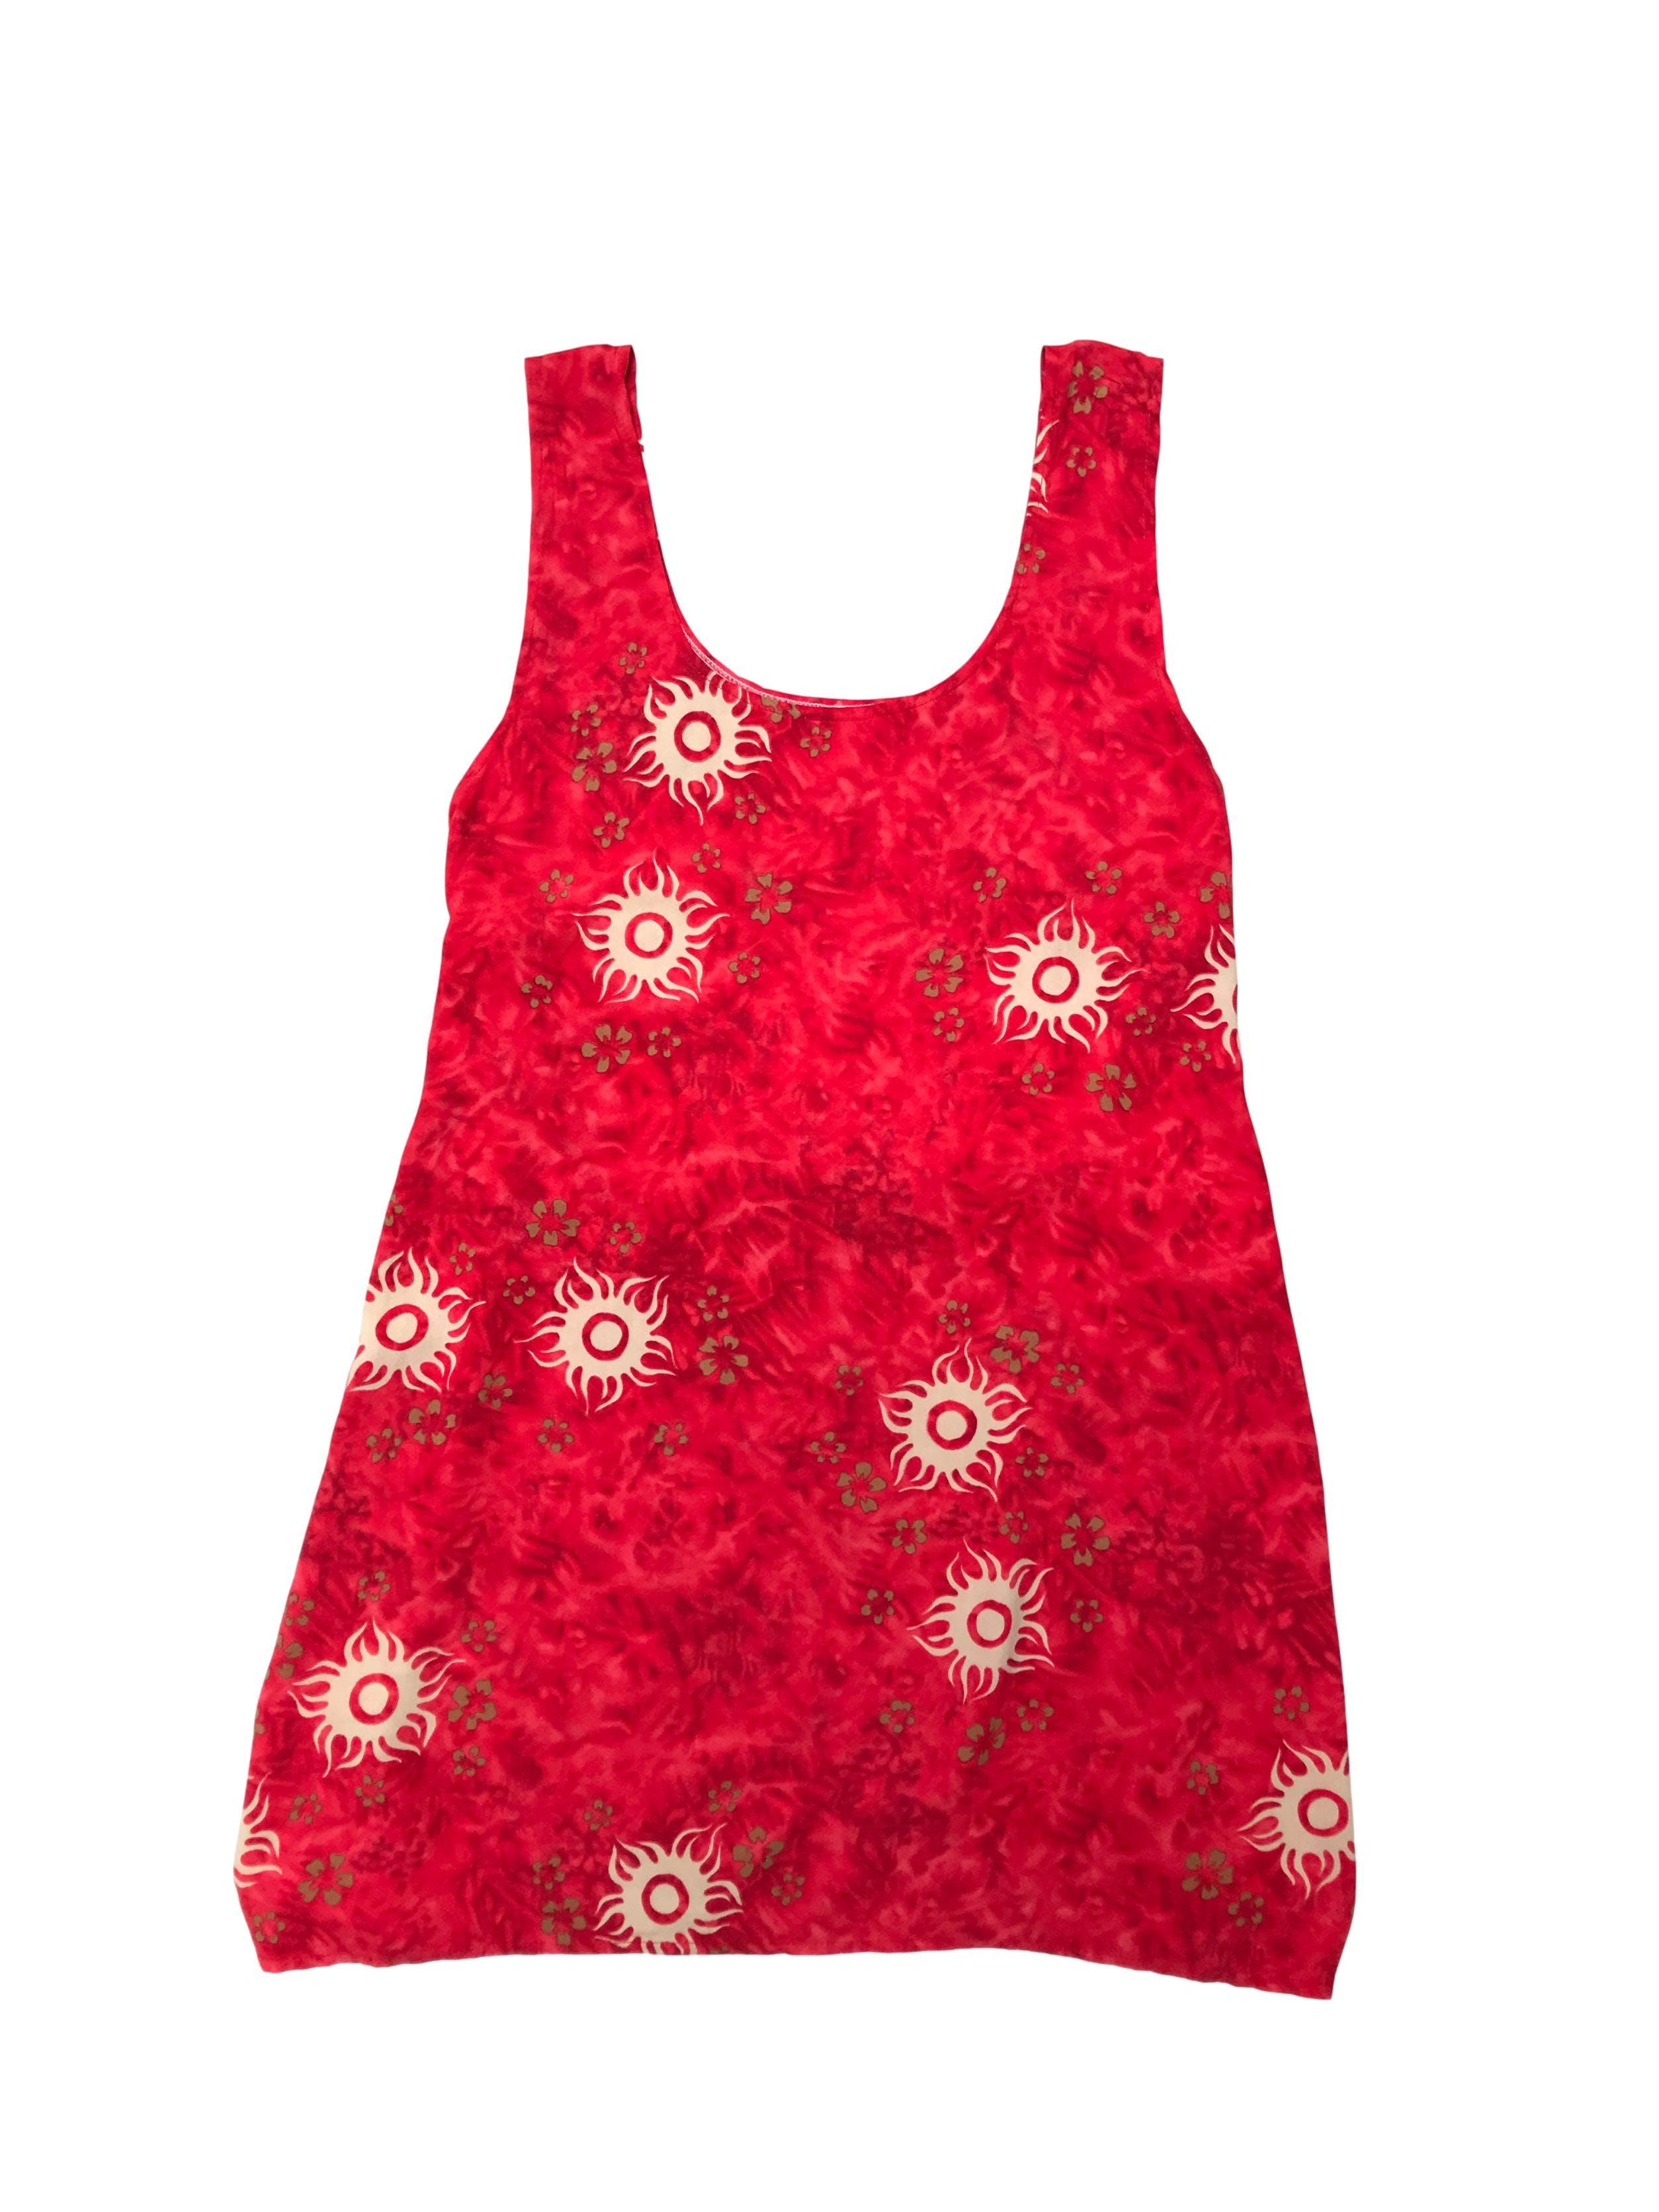 Vestido playero rojo con print de soles, se amarra en la espalda. Tela fresca tipo chalis